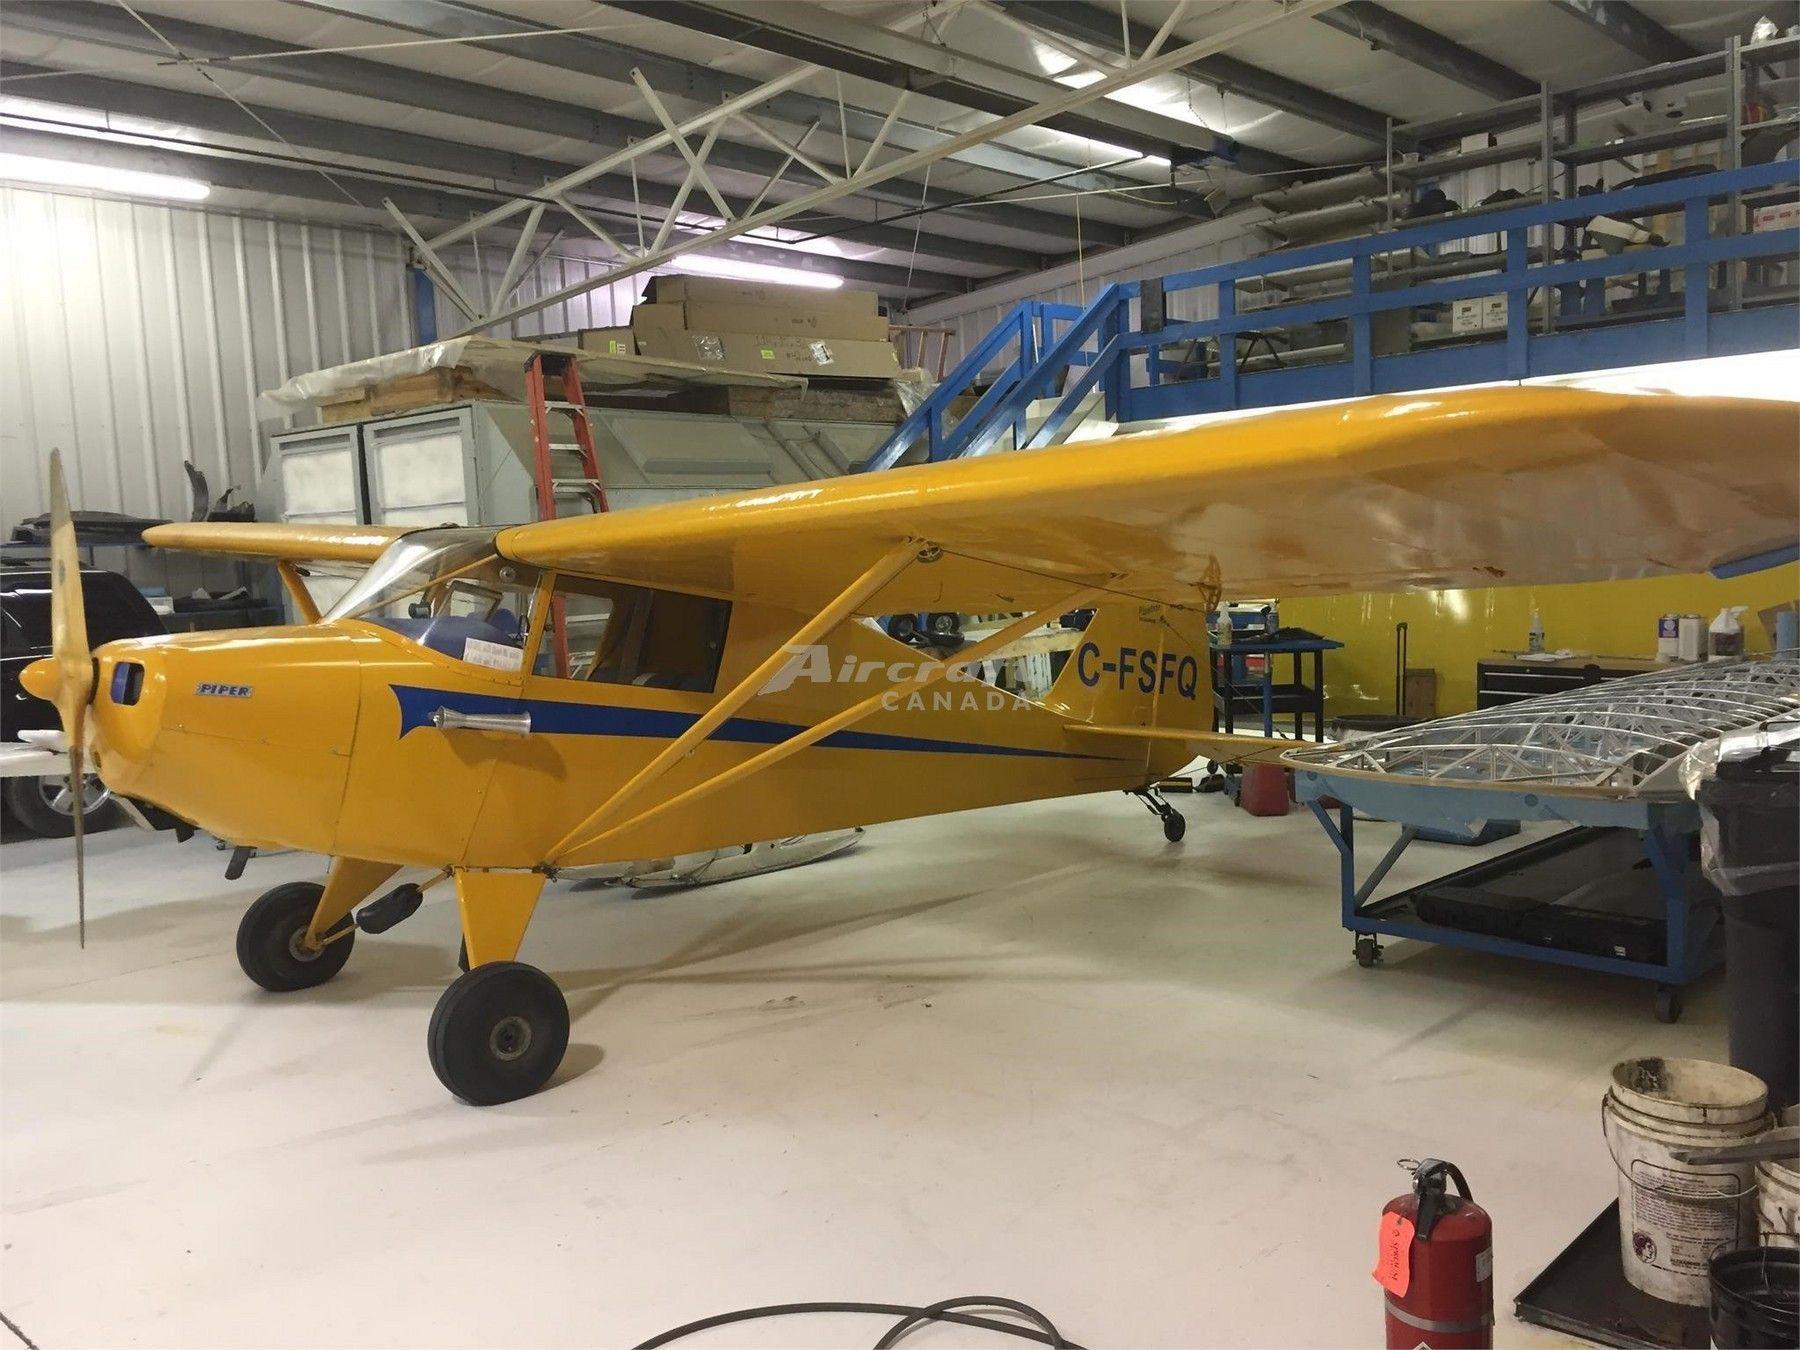 1948 Piper PA17 Vagabond for sale in Canada => www